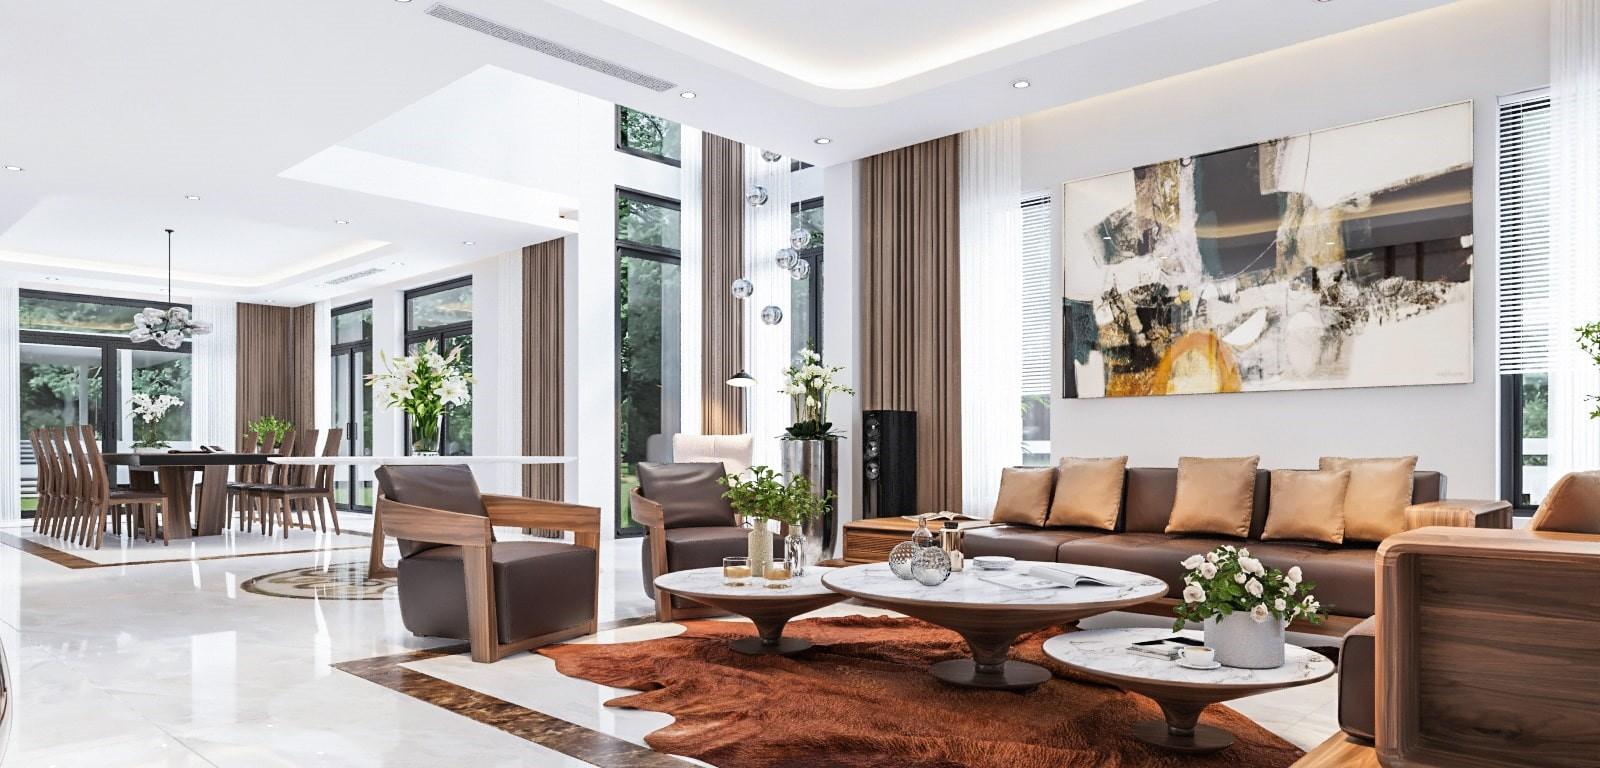 Thiết kế nội thất biệt thự đẹp 2021